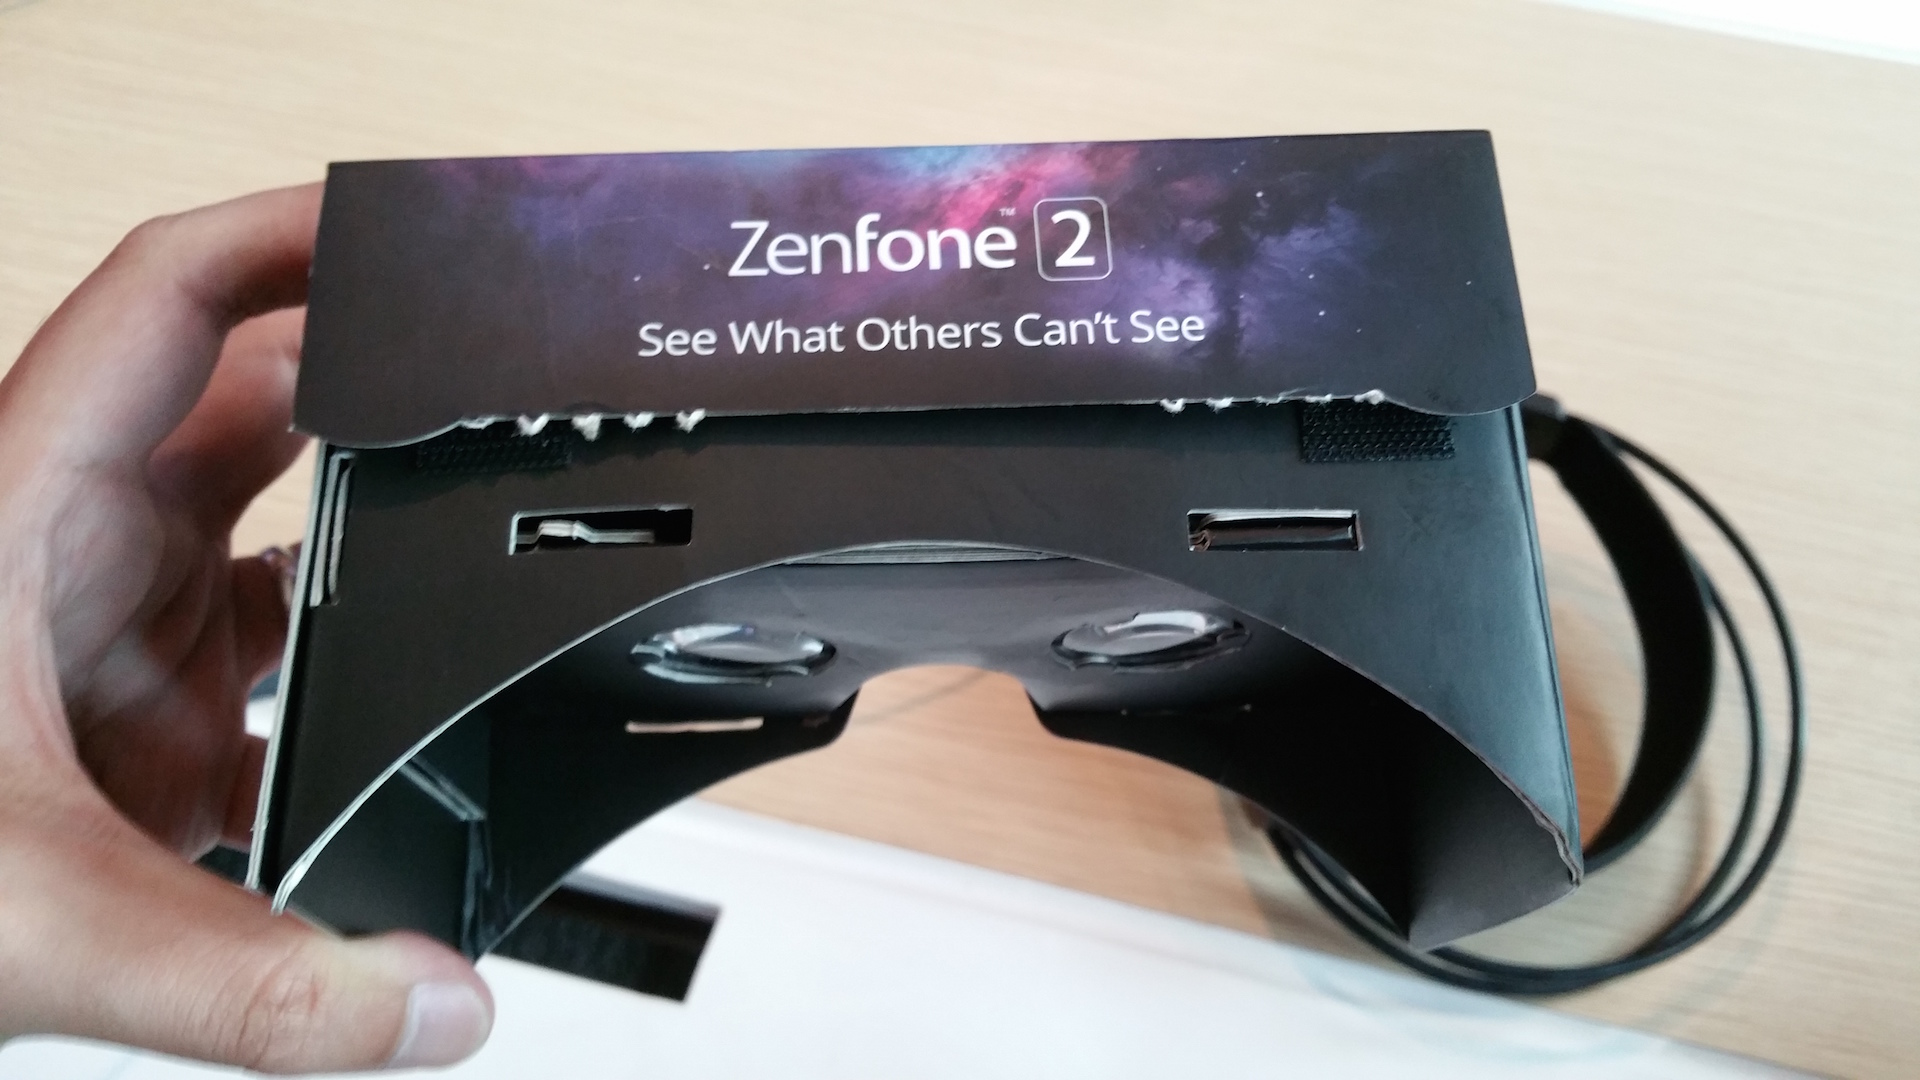 ASUS_ZenFone_2_VR_headset-3